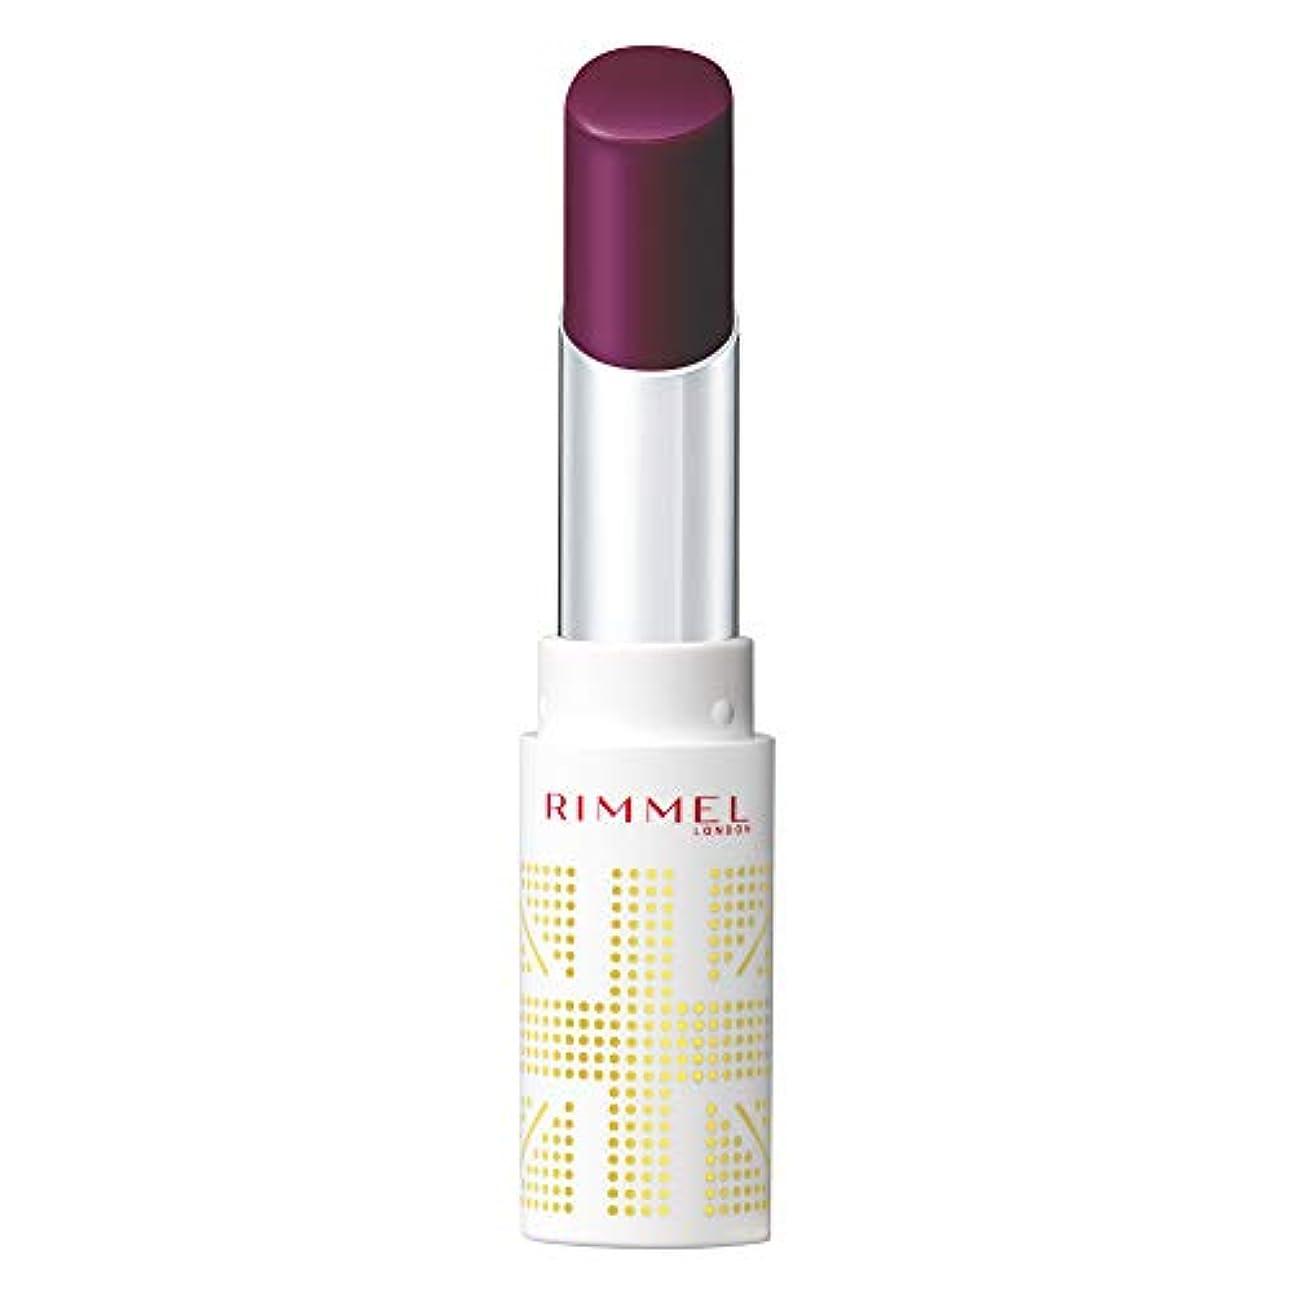 氏矢嘆くRimmel (リンメル) リンメル ラスティングフィニッシュ オイルティントリップ 005 ダークパープル 3.8g 口紅